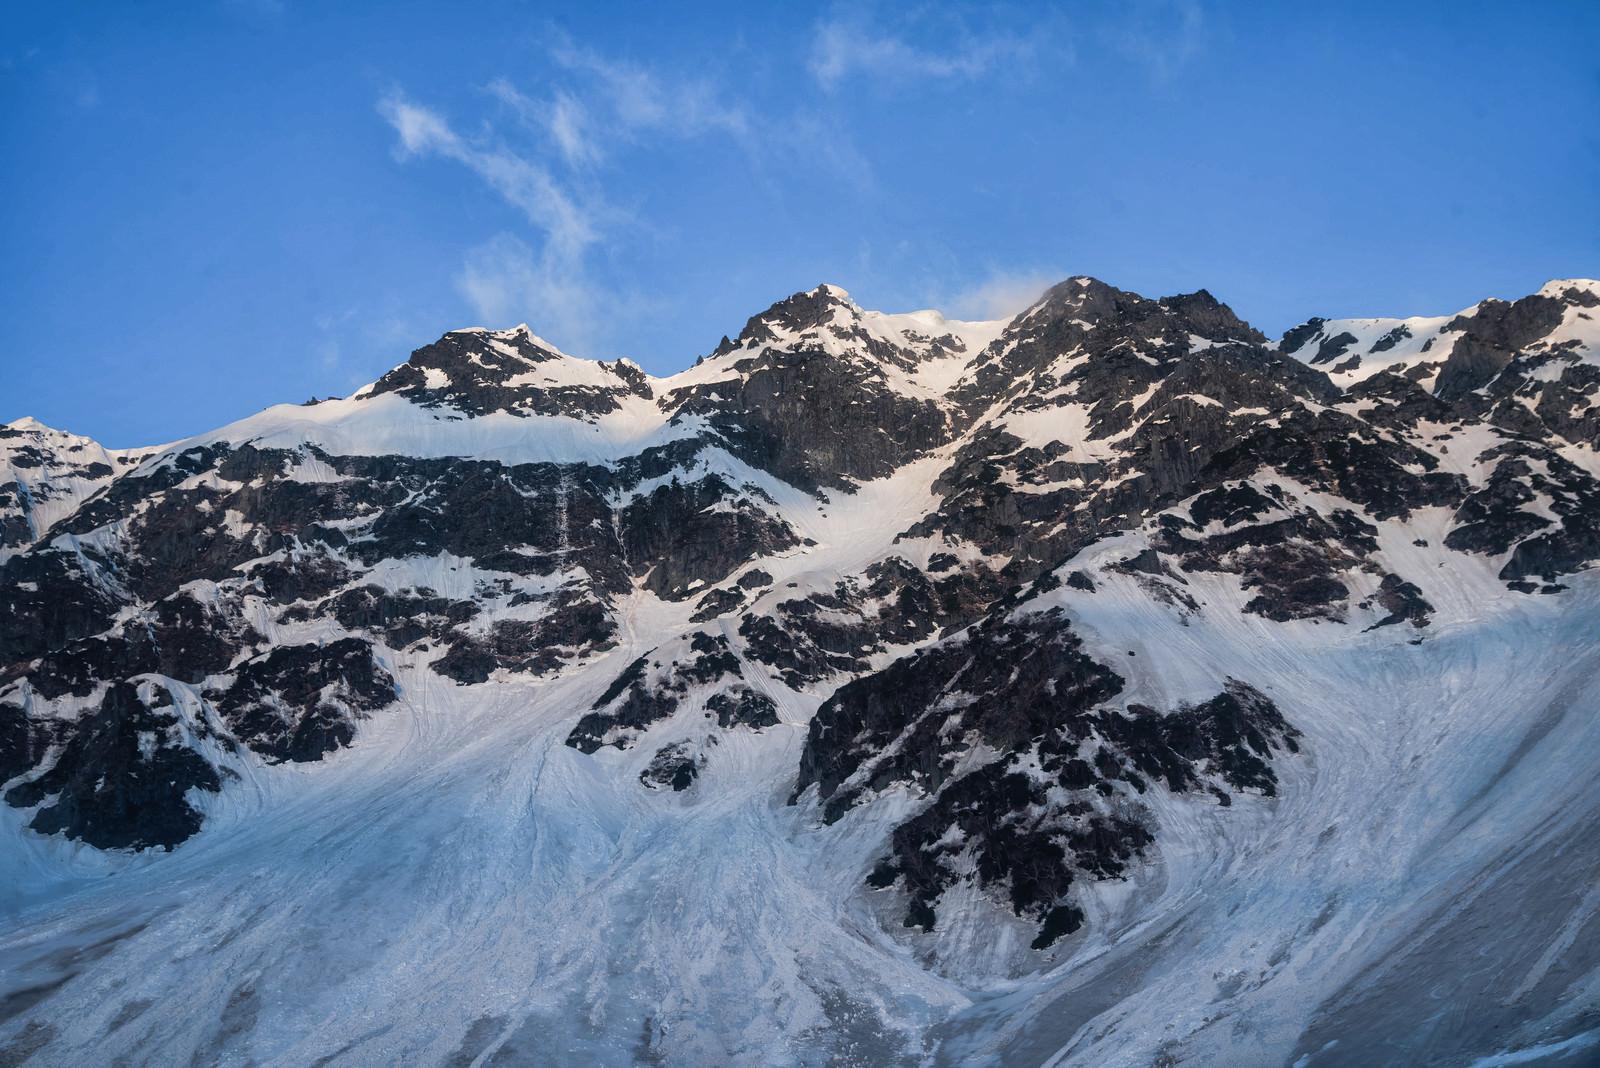 「日に照らされた冬の奥穂高岳 (飛騨山脈)」の写真